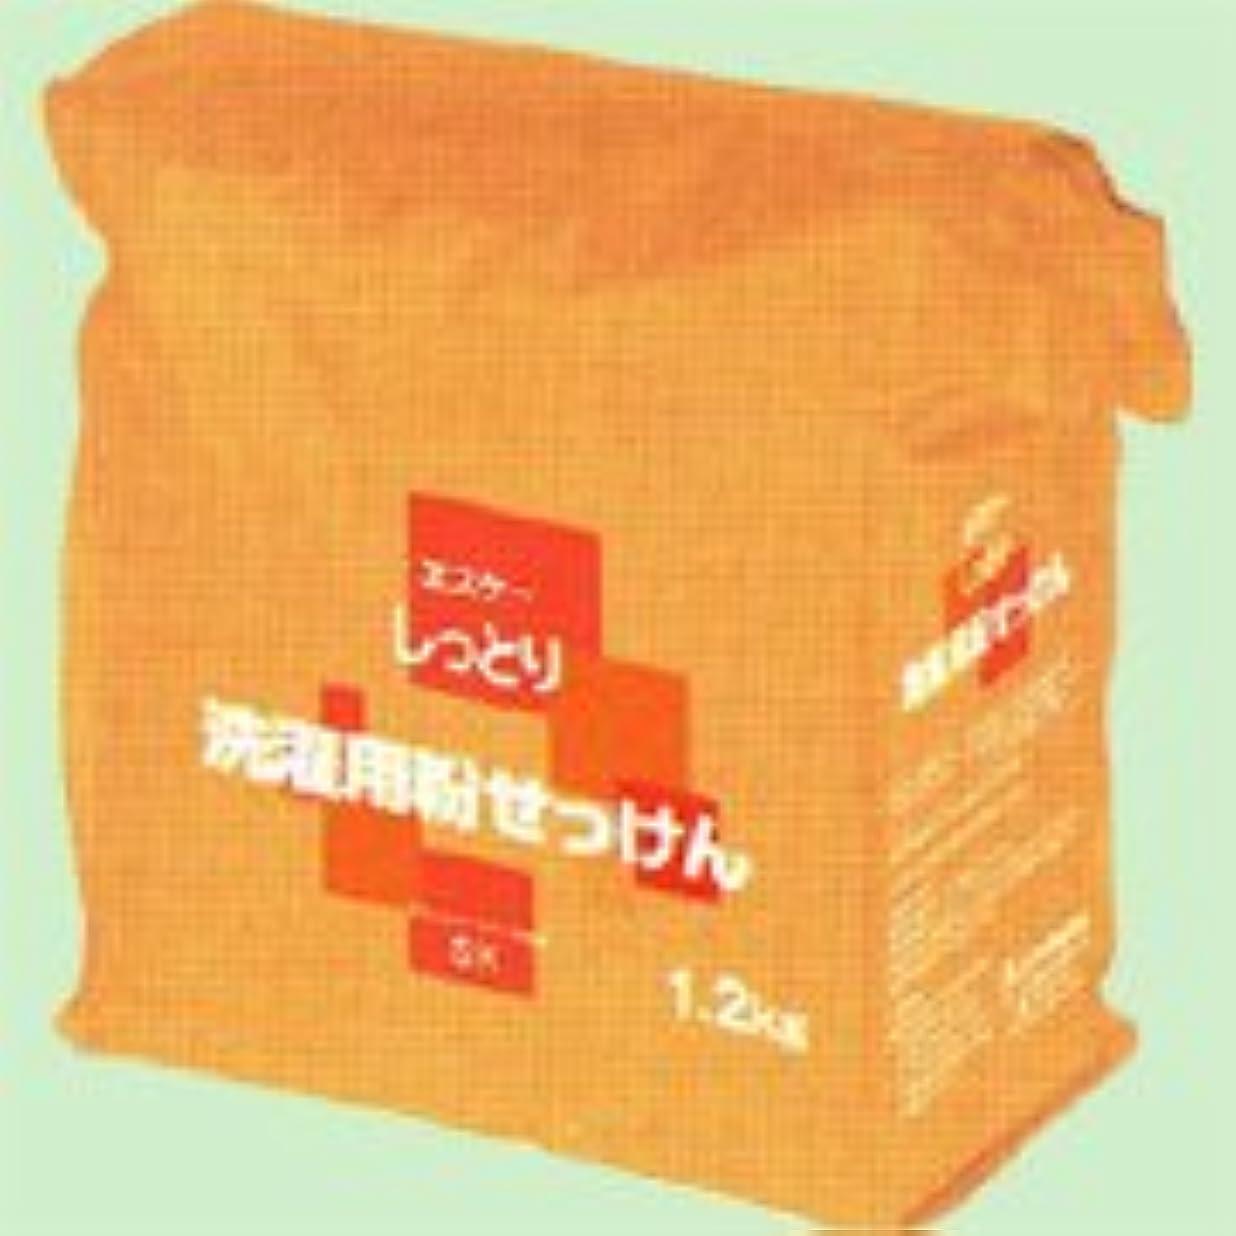 丁寧リンケージ扇動するしっとり洗濯用粉せっけん詰替用 1.2kg   エスケー石鹸